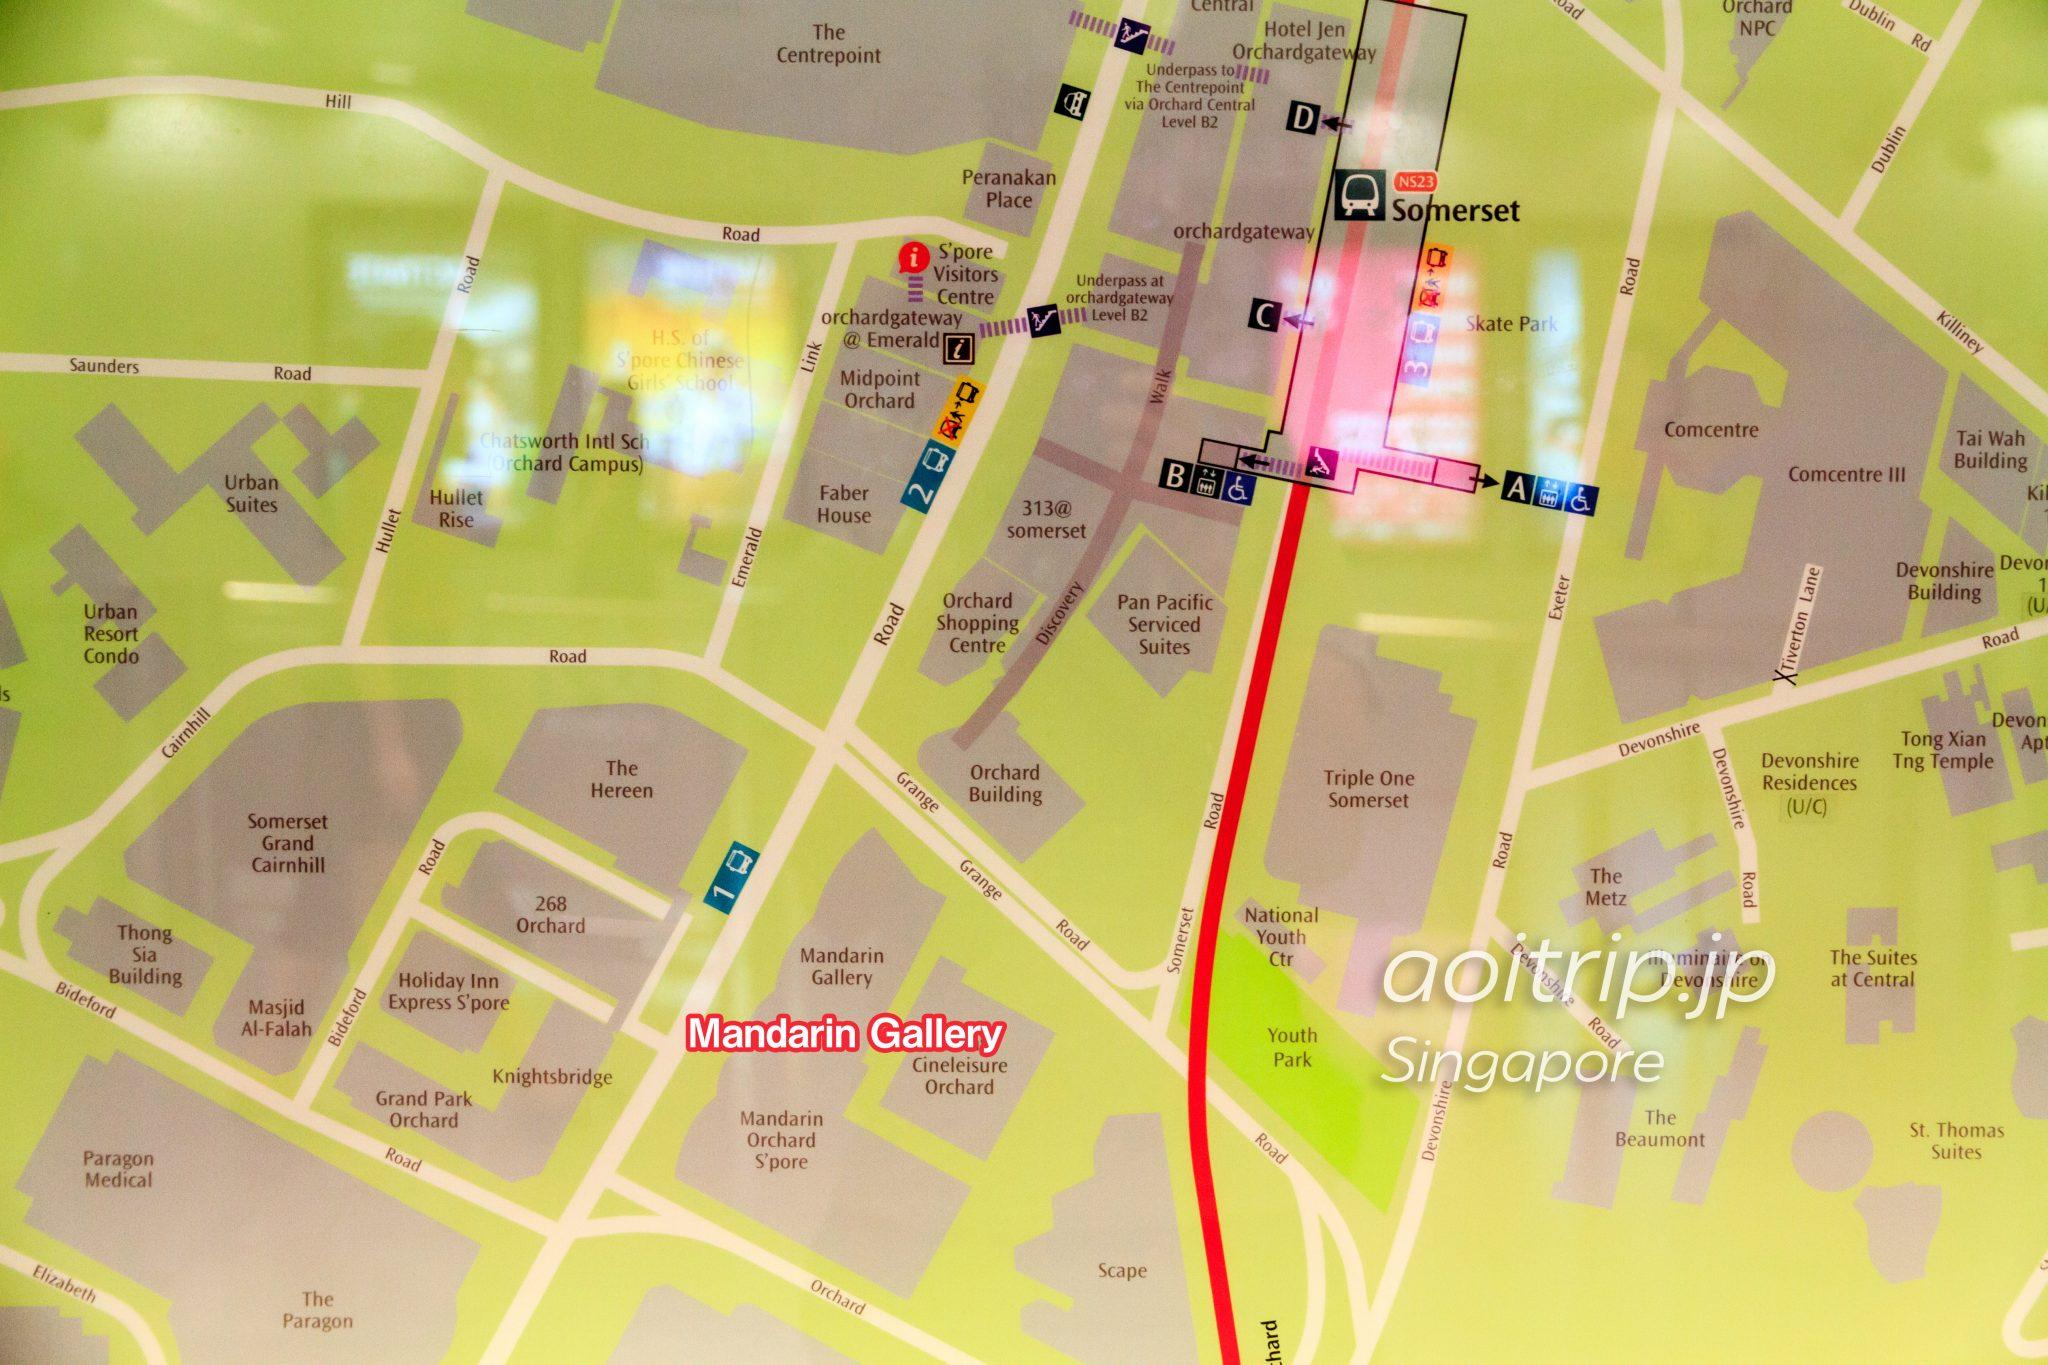 シンガポールのチャターボックス 行き方マップ